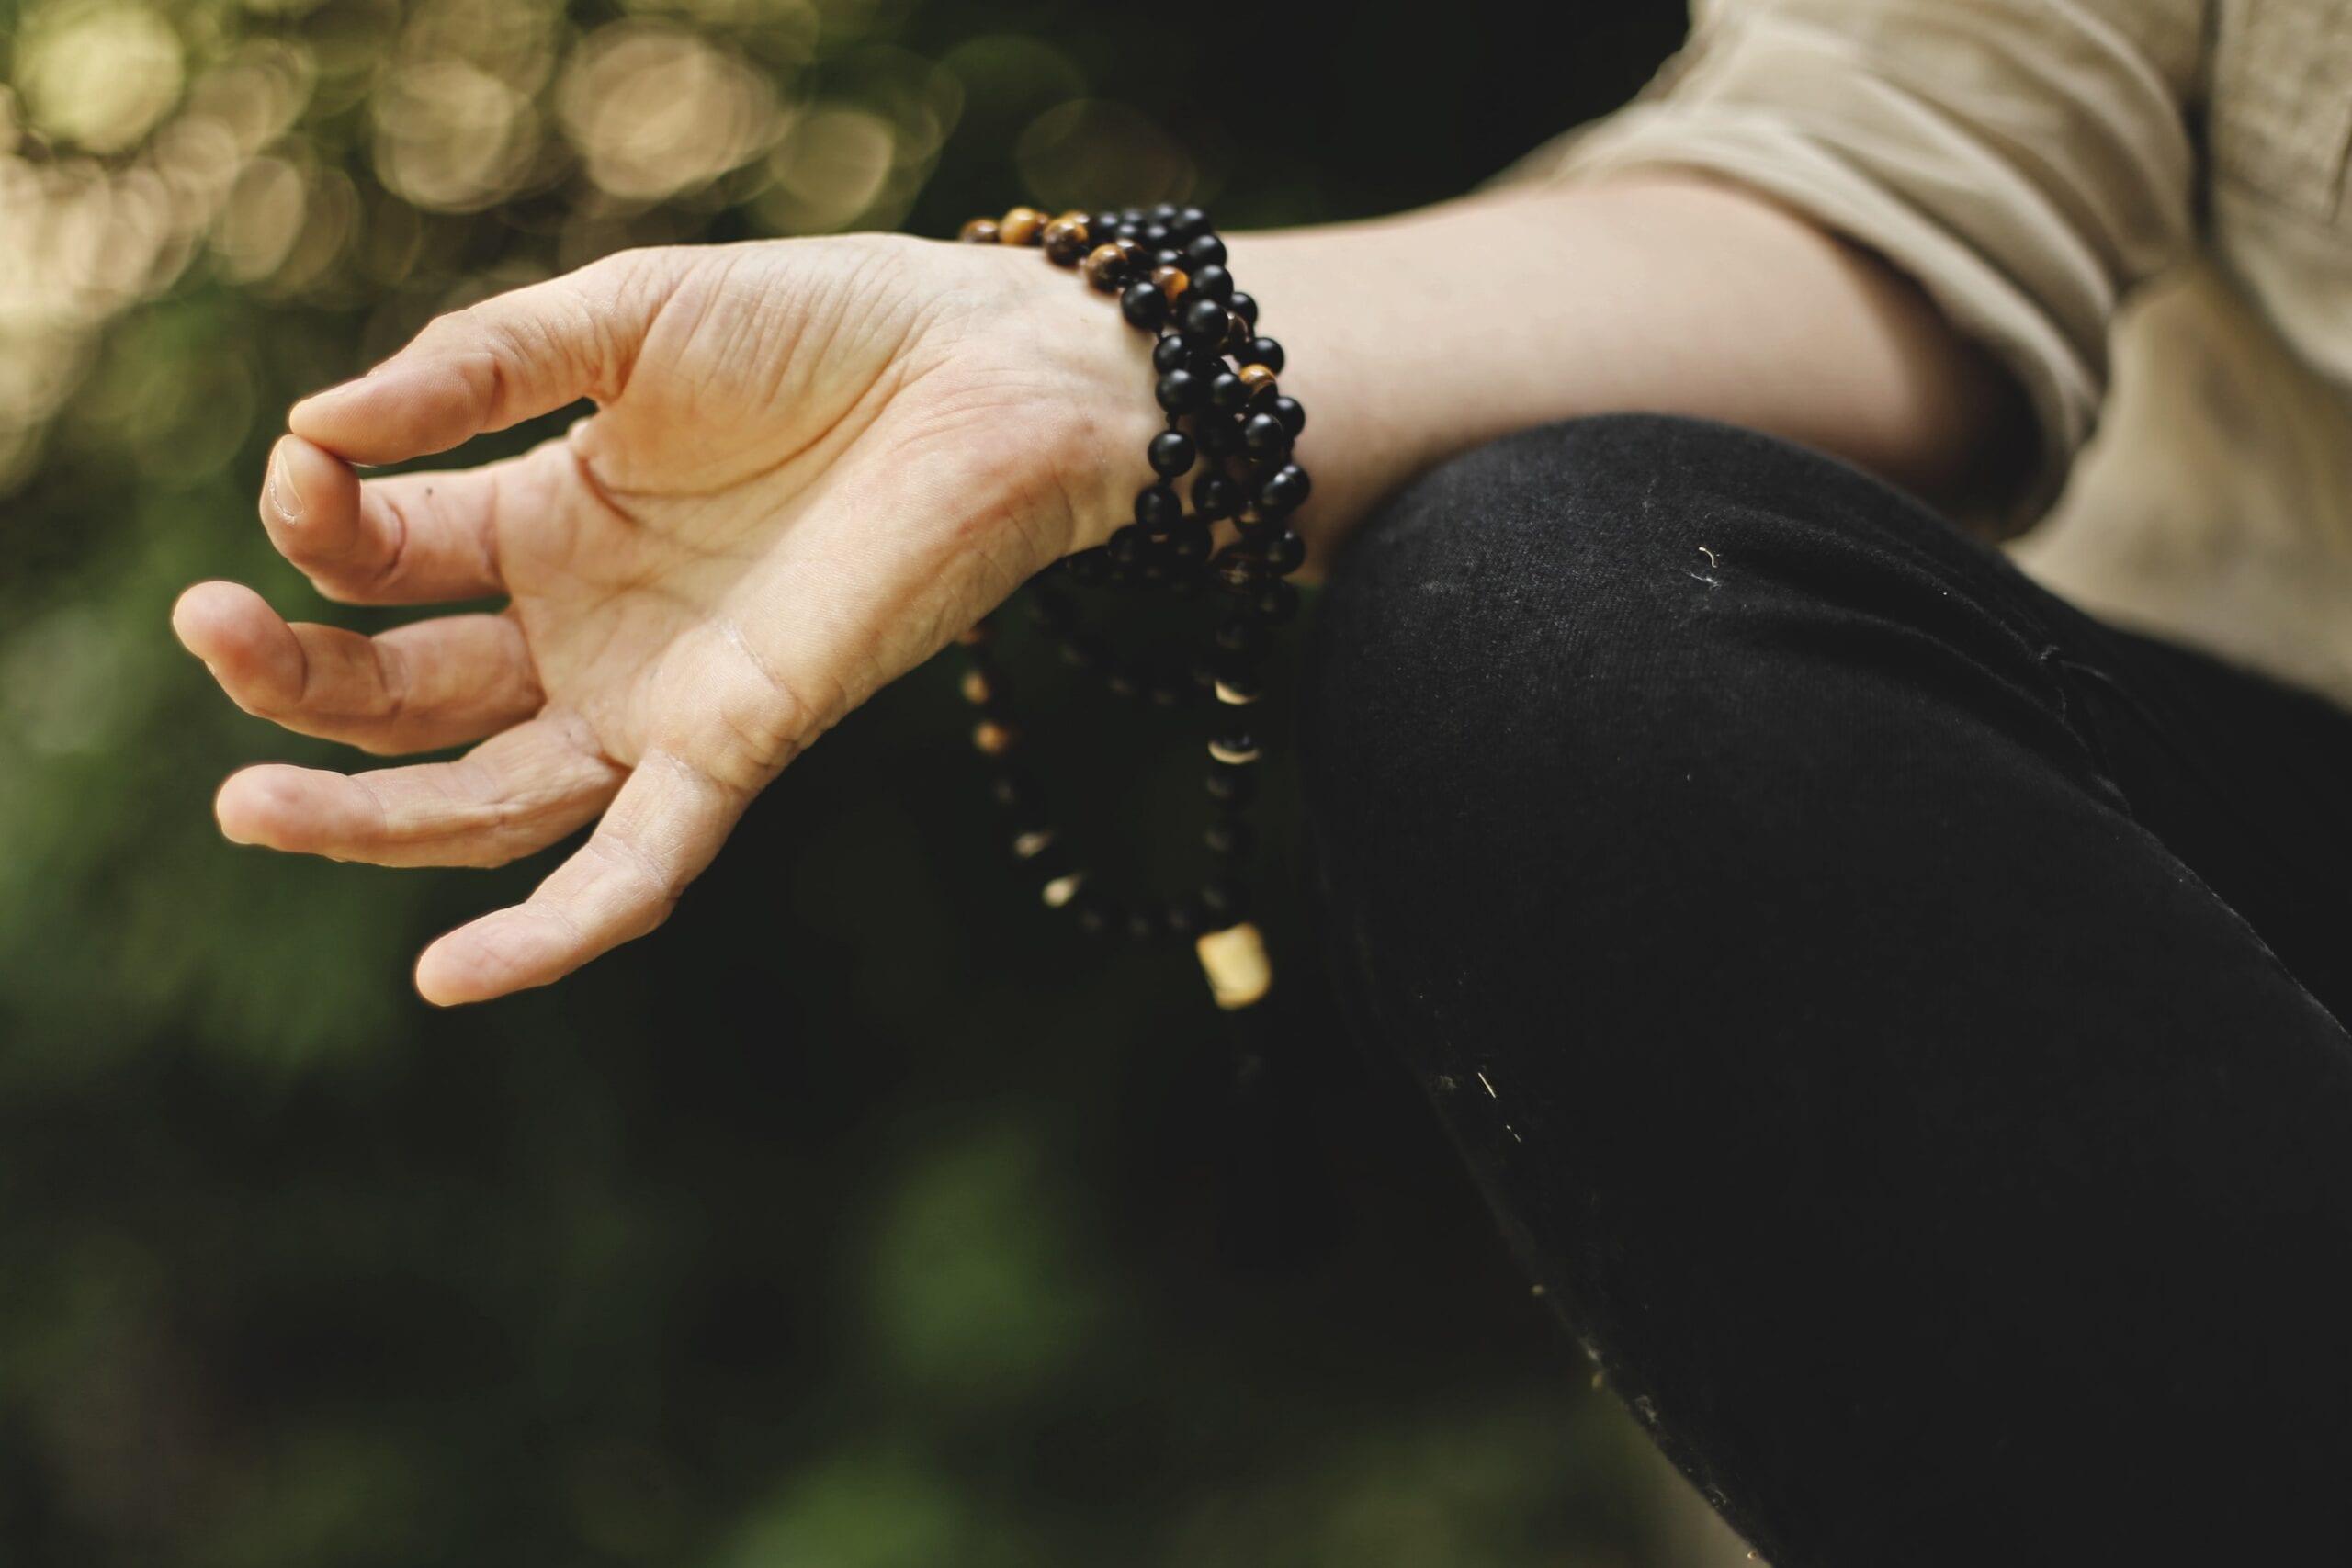 Enkle meditasjonsøvelser i hverdagen